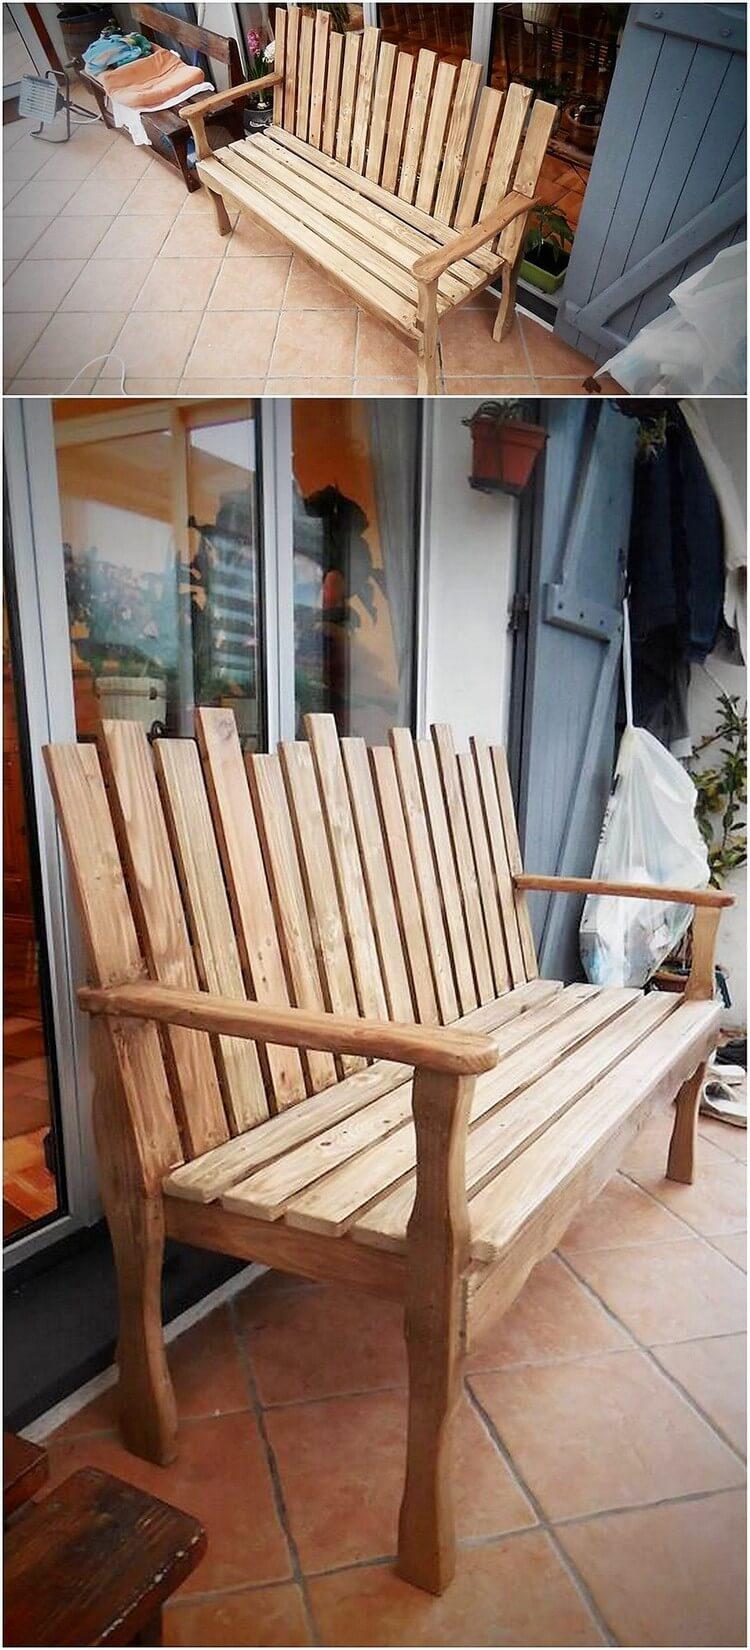 Patio En Bois De Palette sensational wood pallets reusing ideas | recycled crafts